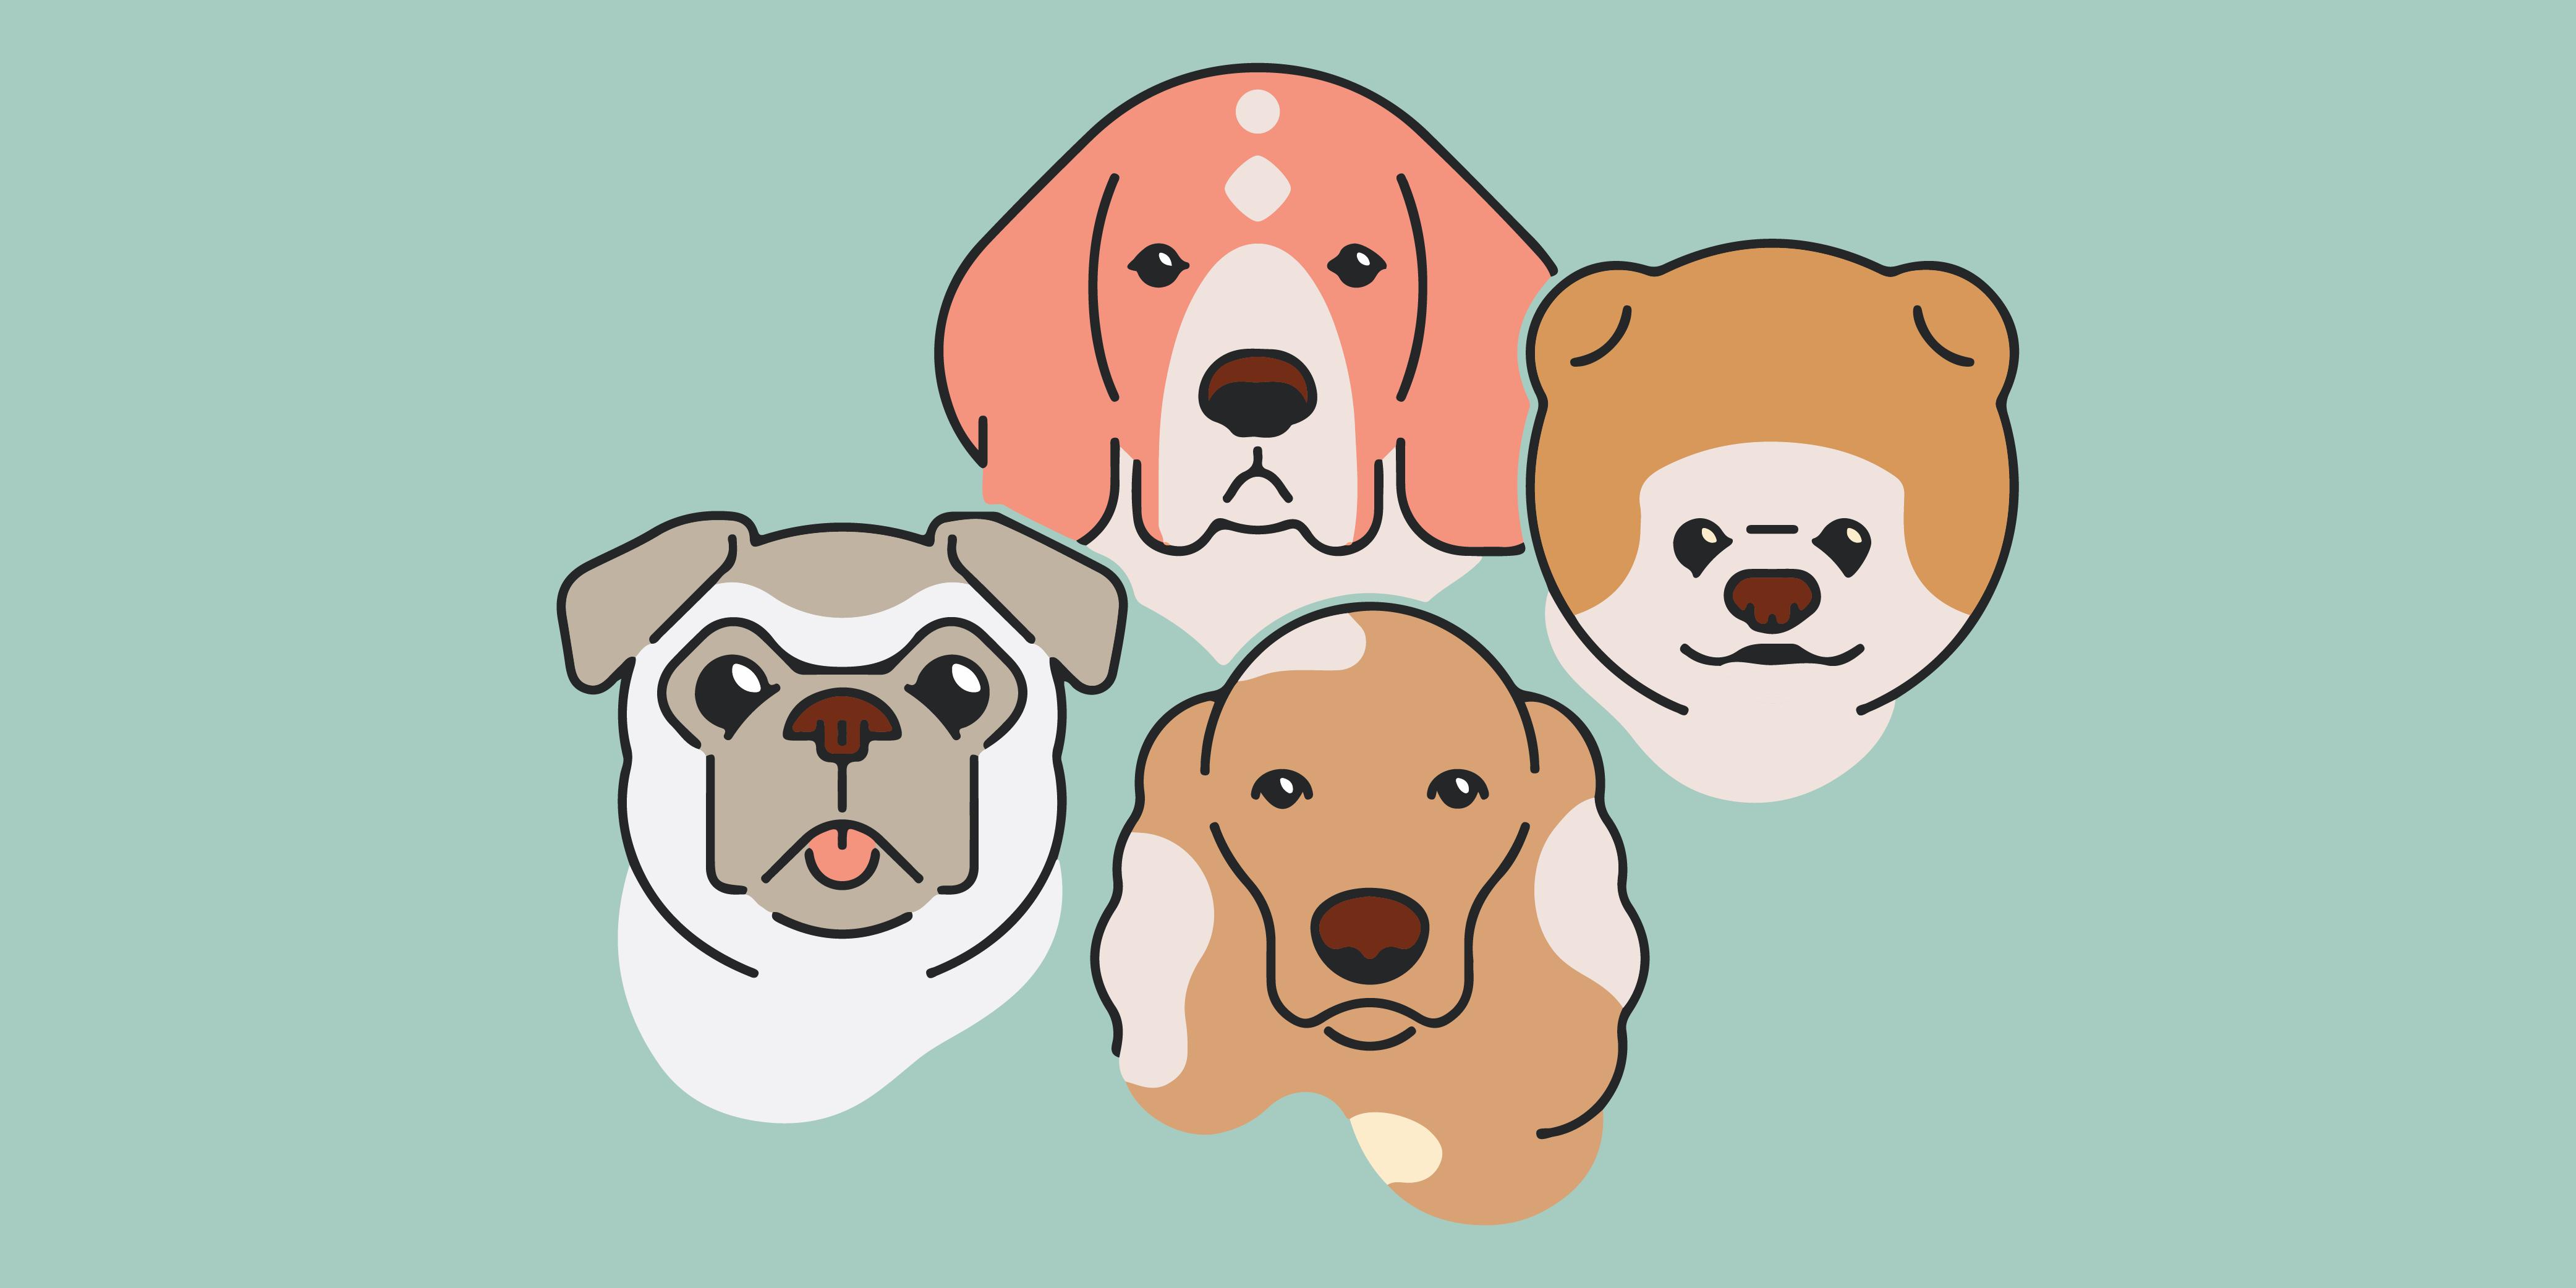 Your Help is Needed: Organizaciones Locales para Rescatar Mascotas